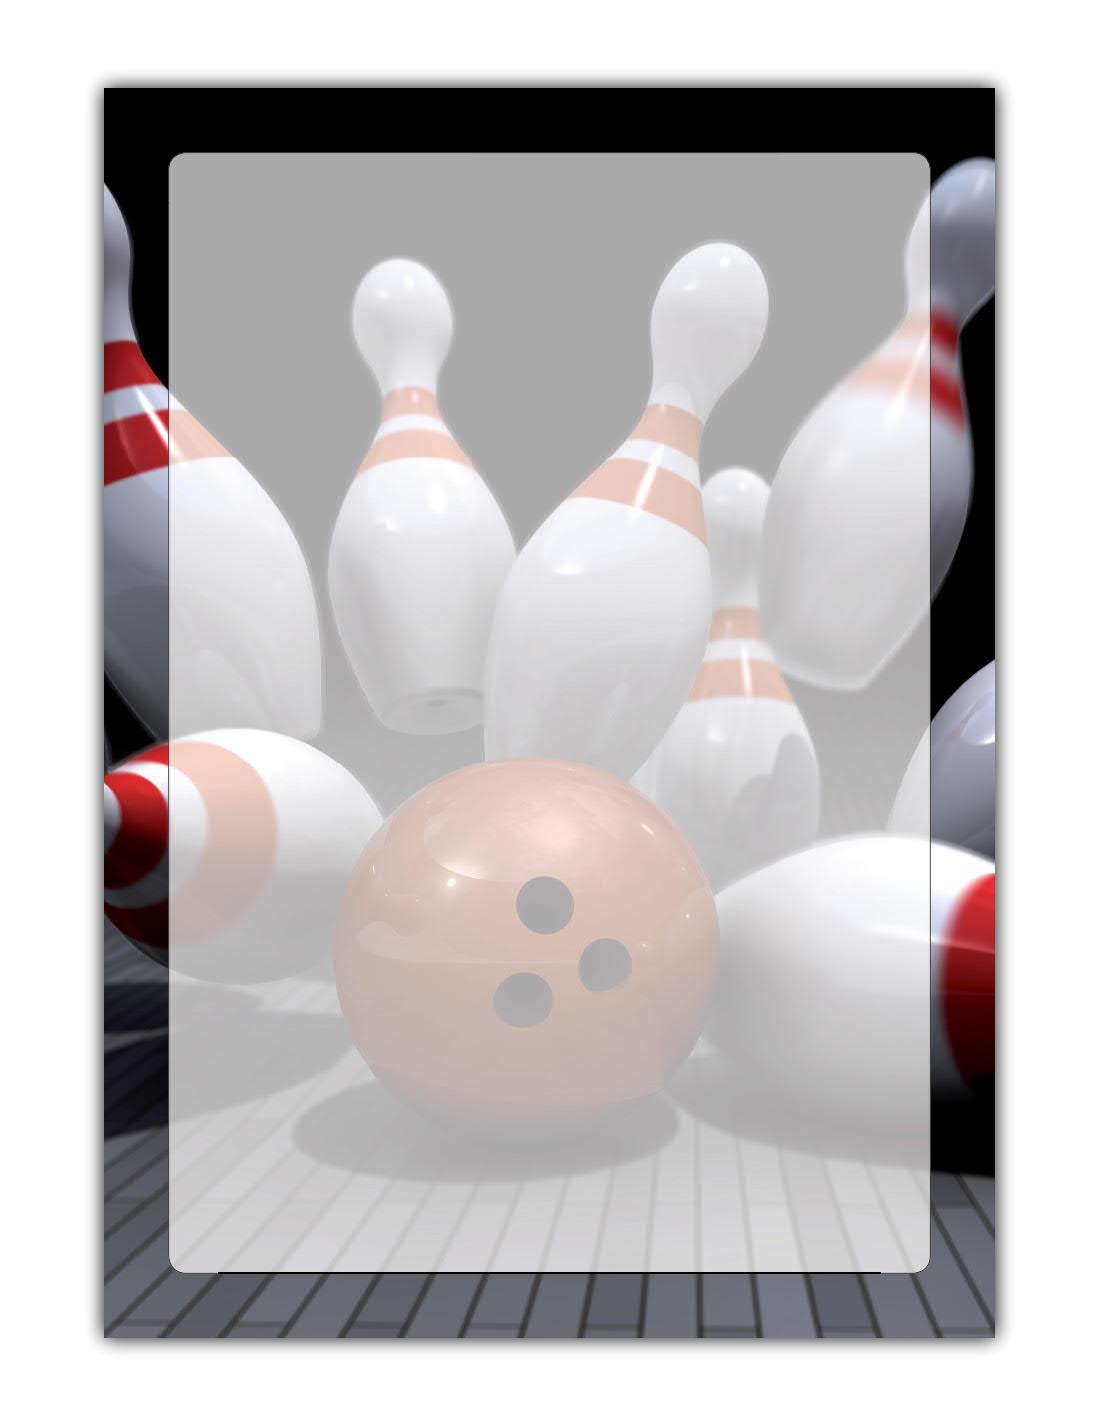 Bowling Motivpapier Briefpapier (MPA-5209, DIN A4, 100 Blatt) Kegeln Sport Bowlingkugel